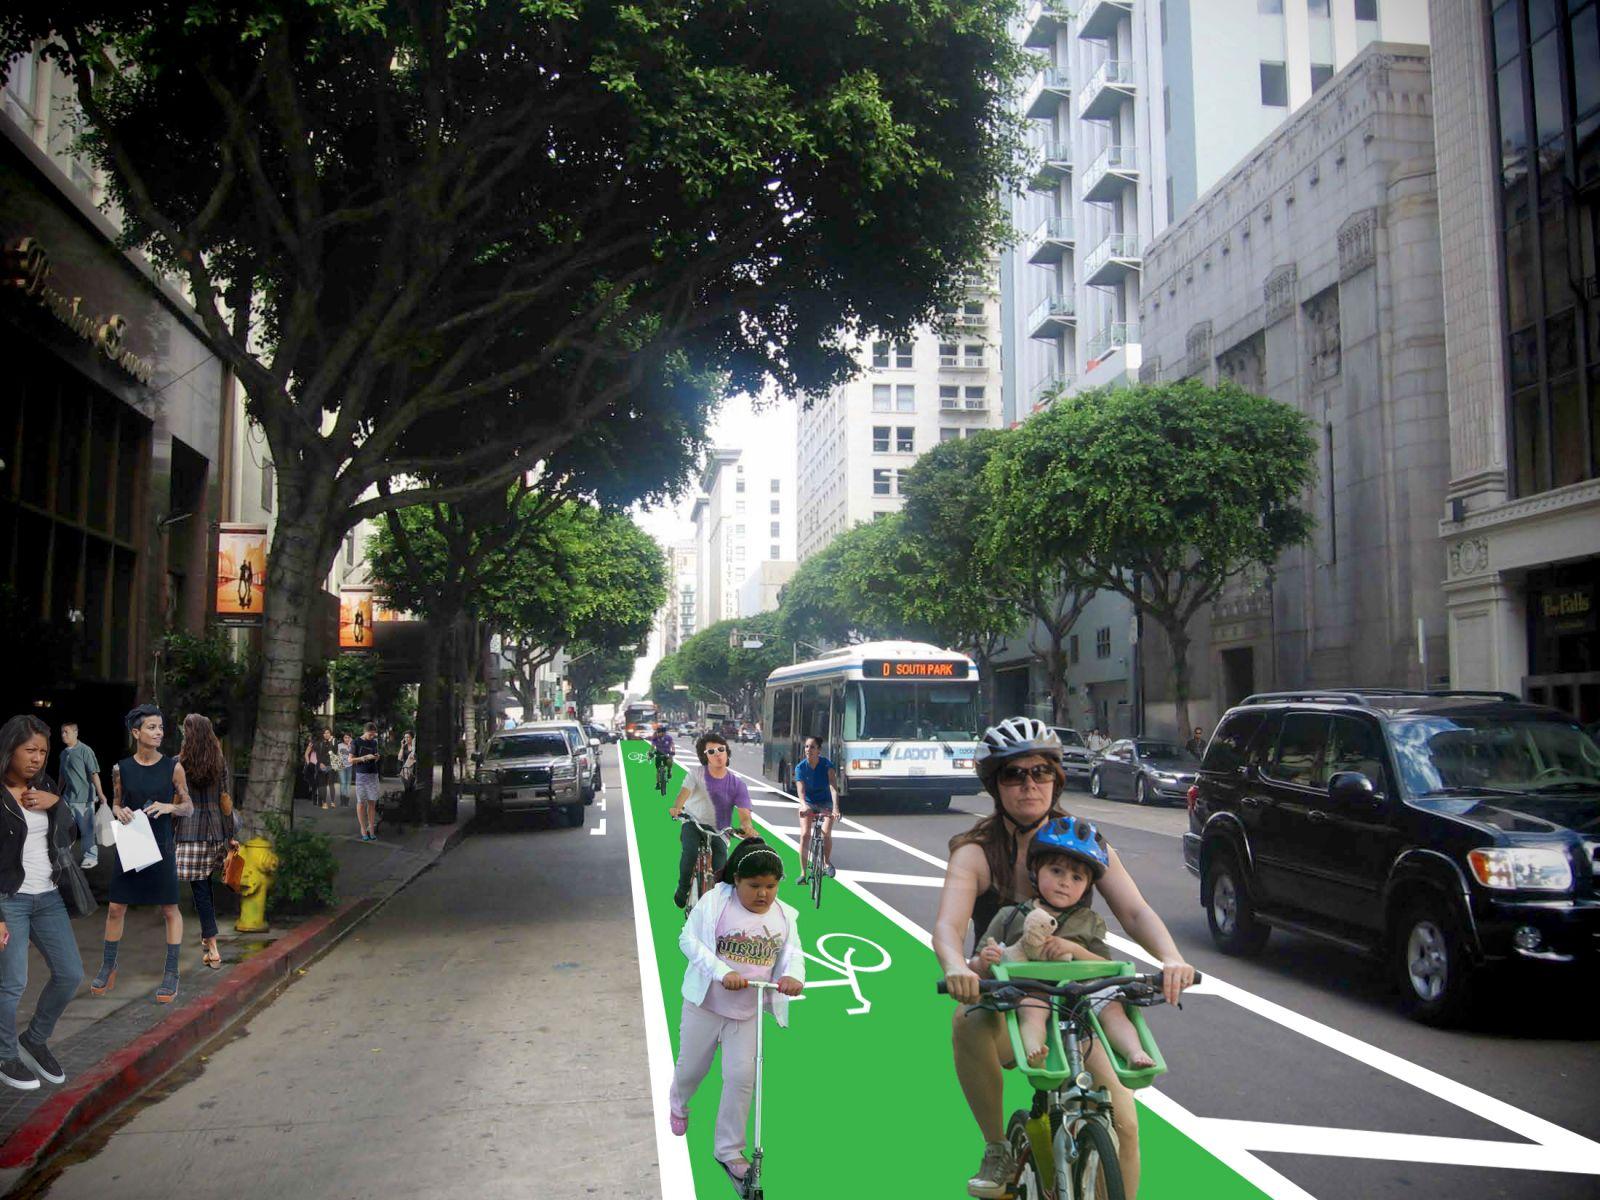 Carril para bicicletas en la calle Spring del centro de Los Angeles. (Foto cortesía de LACBC).